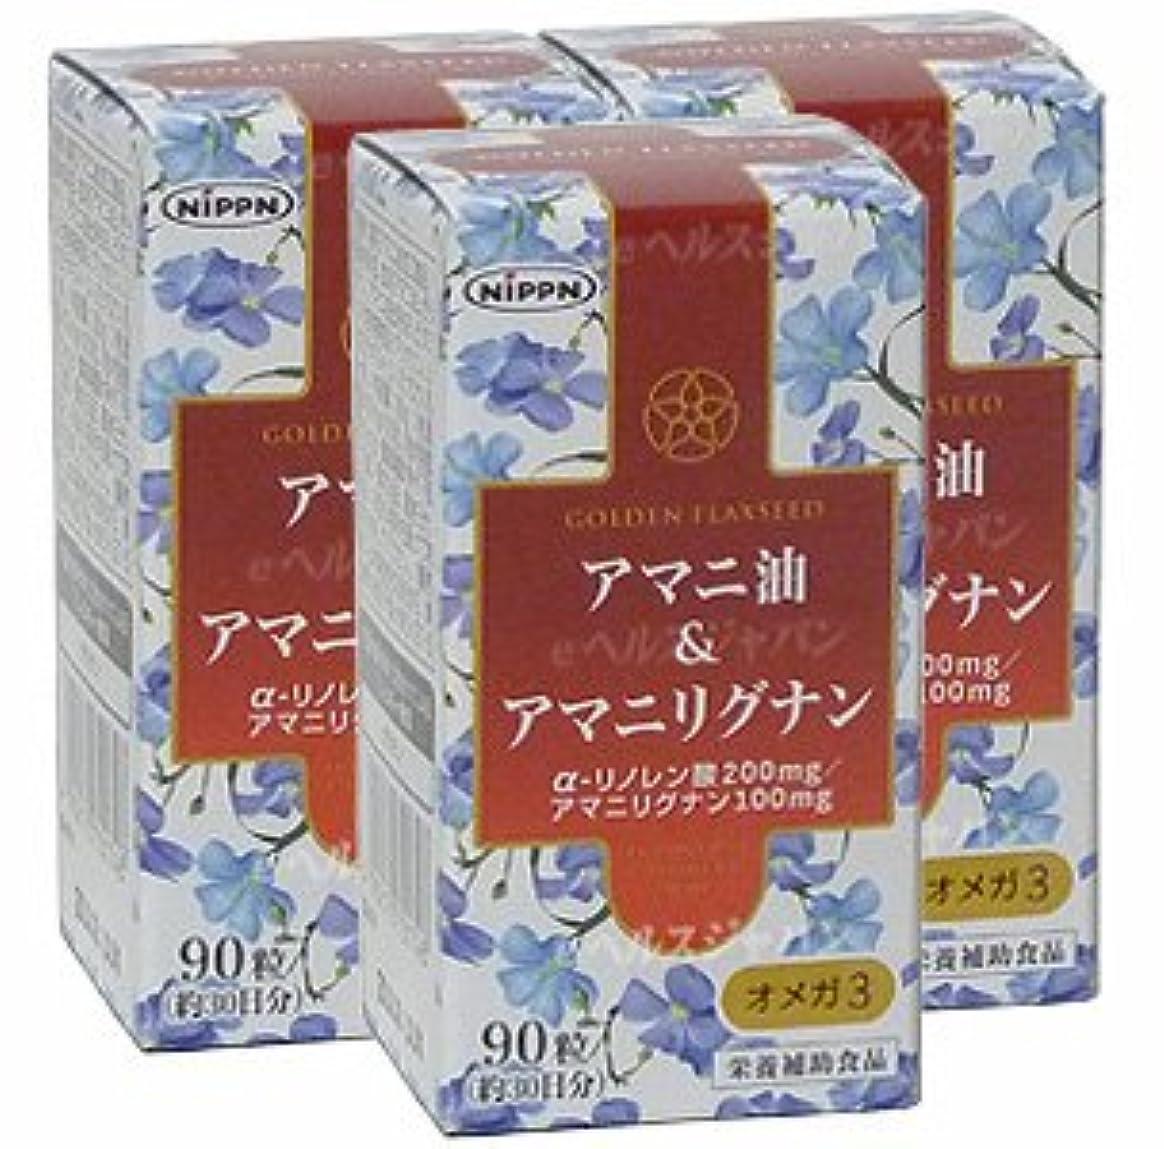 科学的アクセサリー虎アマニ油&アマニリグナン【3本セット】日本製粉